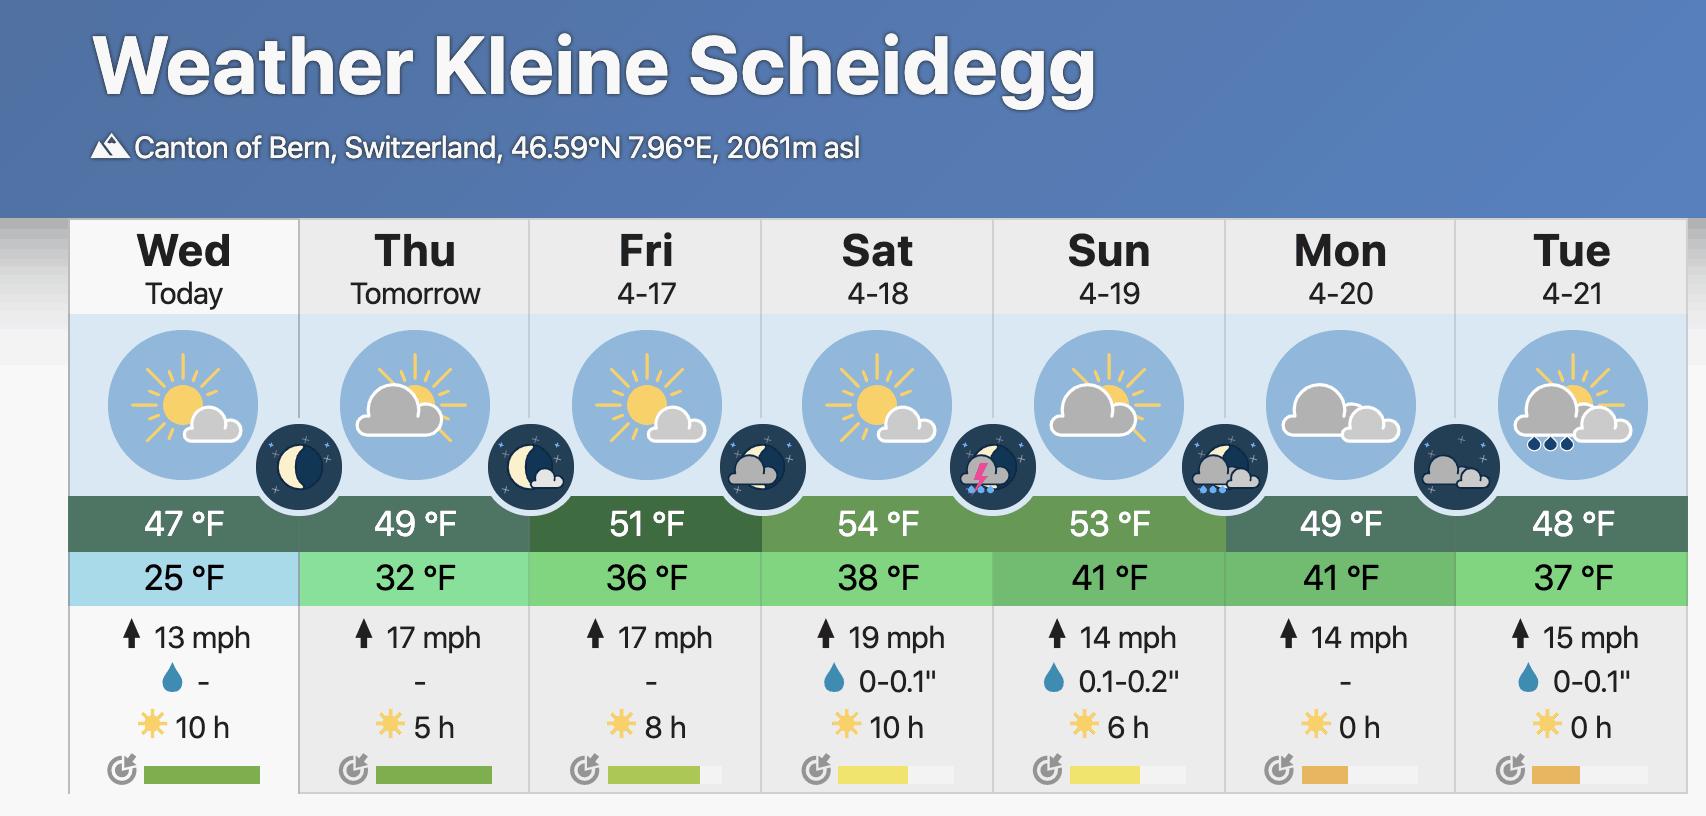 Kleine Scheidegg Weather